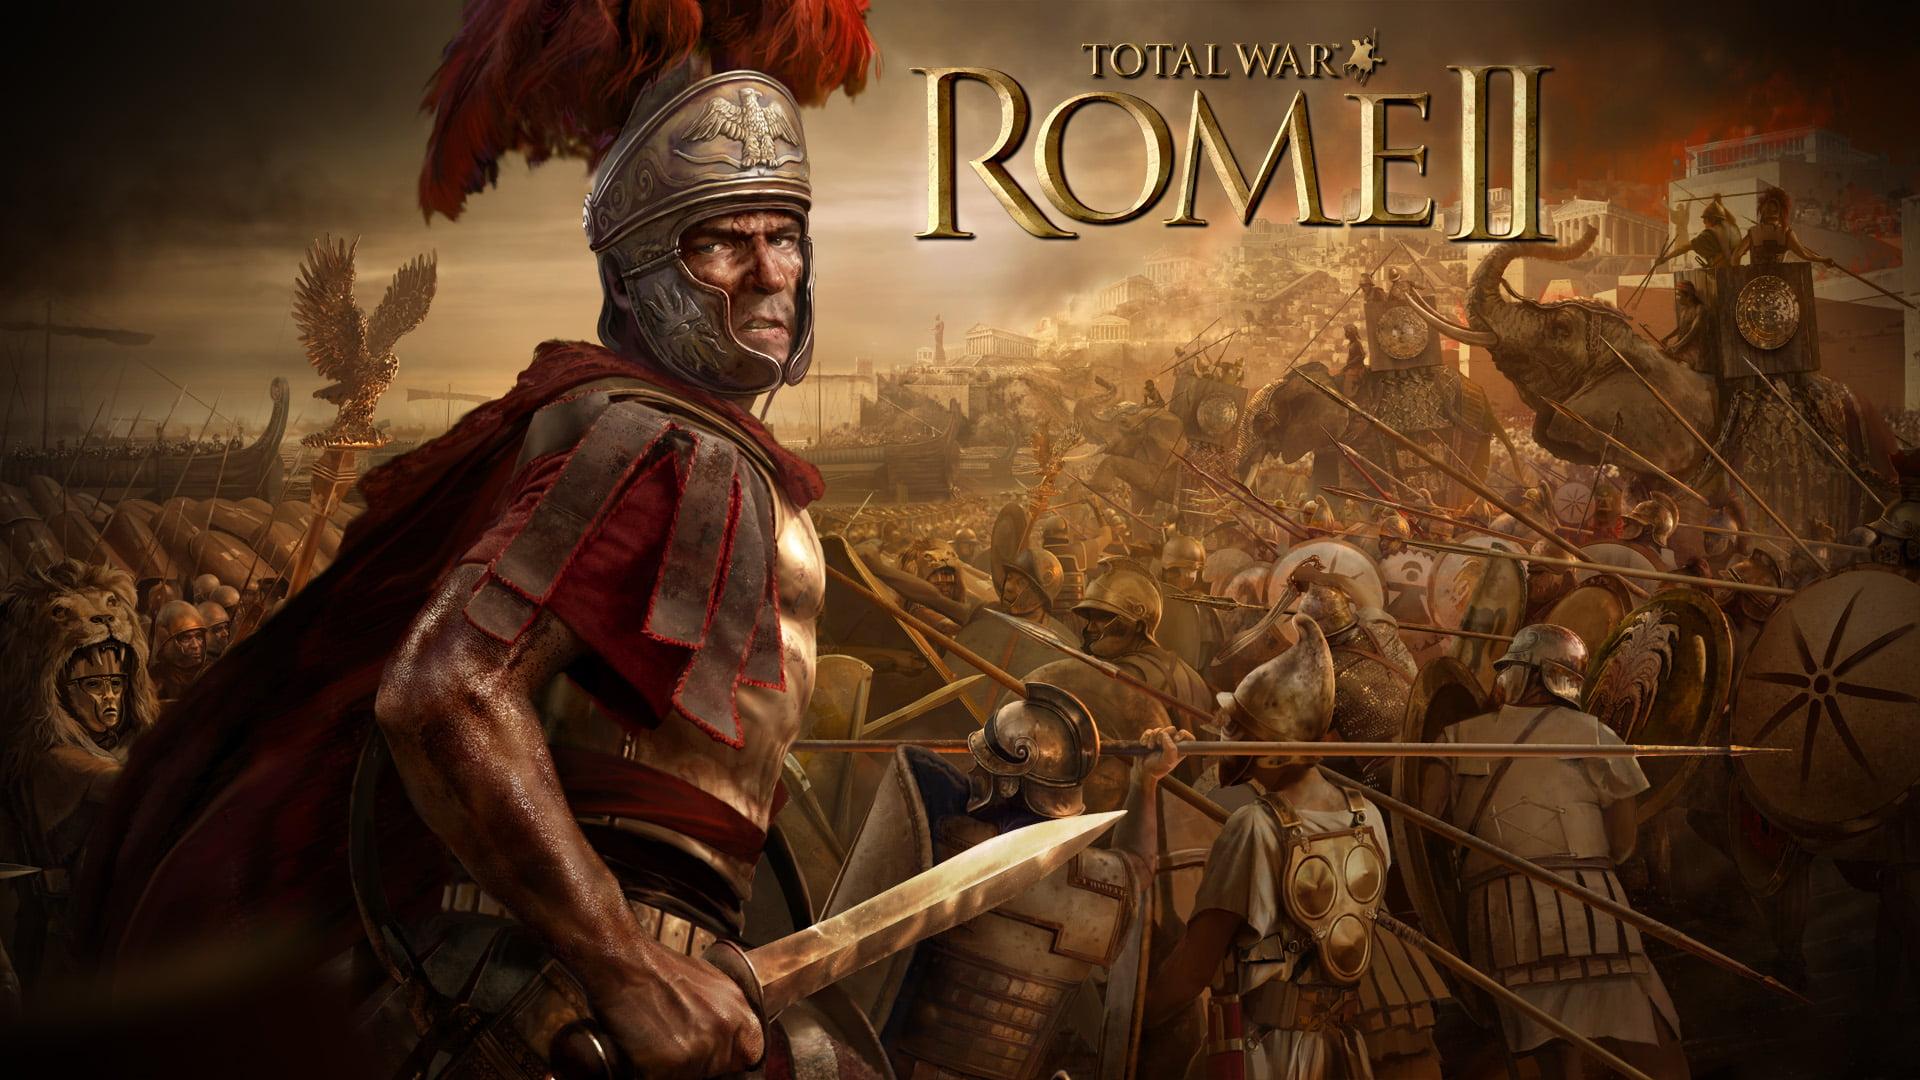 Rome Total War Wallpaper: Total War: Rome II Review